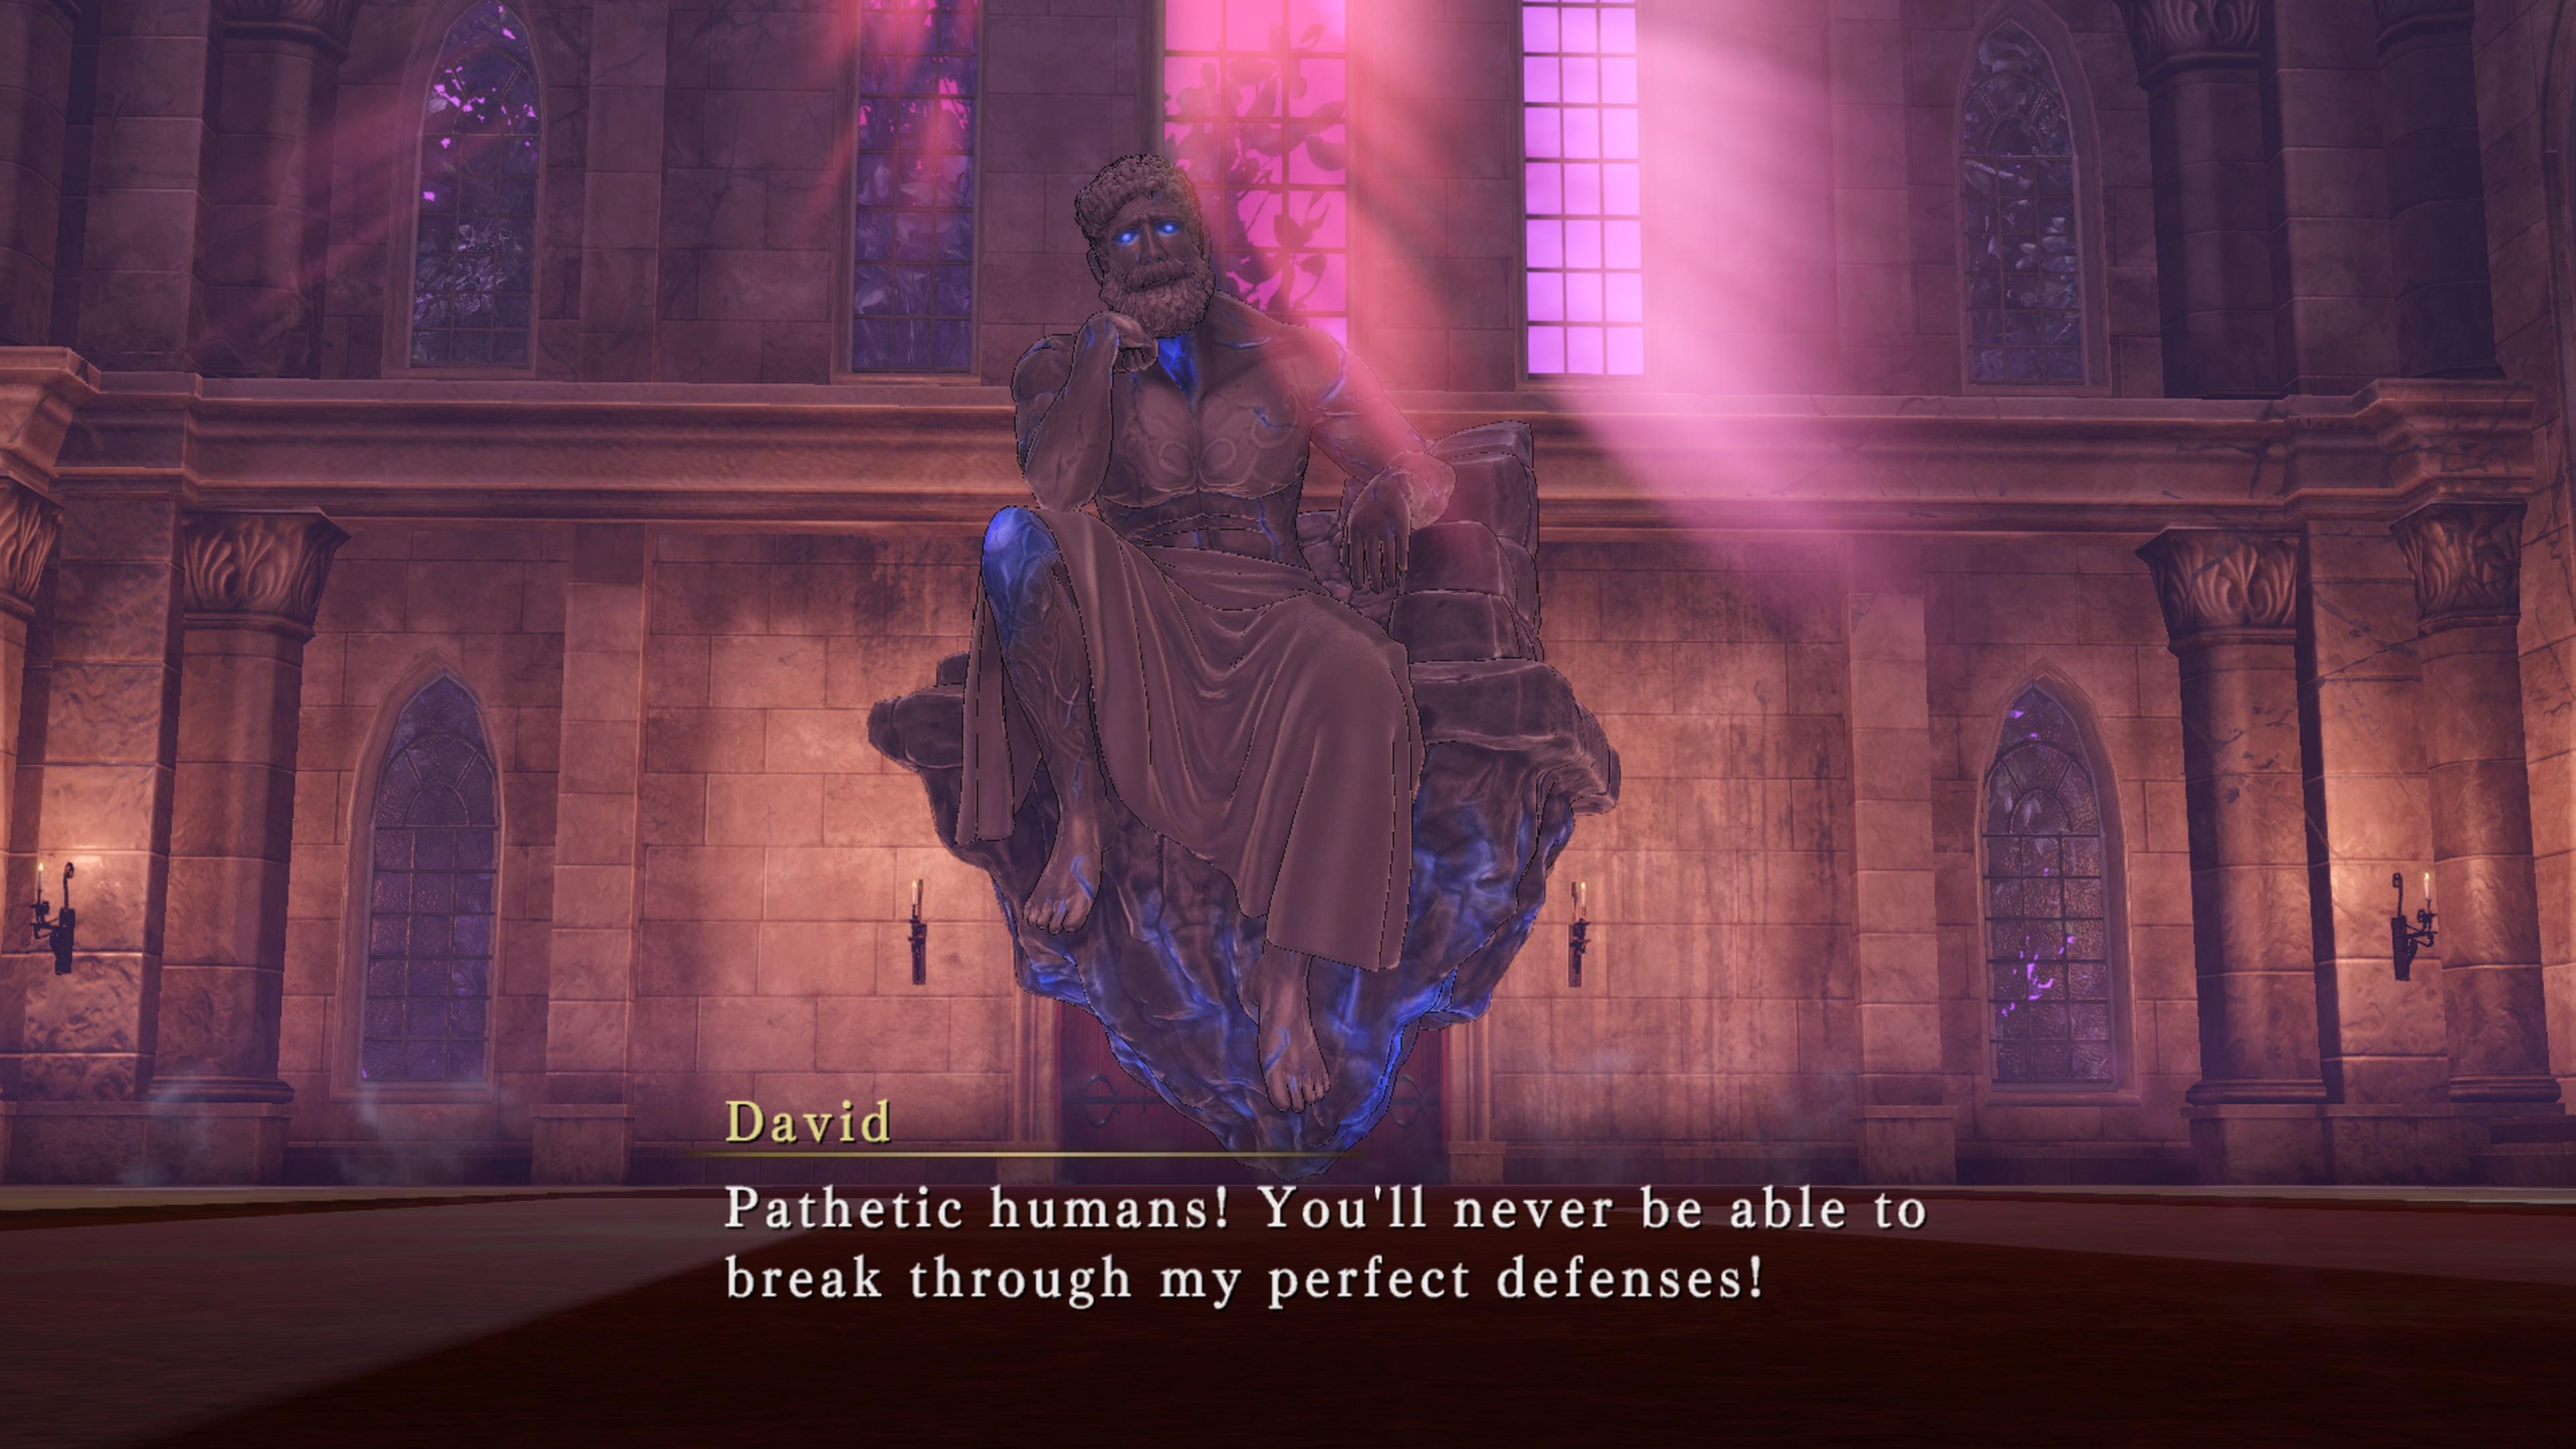 Detaily bojového sytému Nights of Azure 2 a bonusy po vydání 149825